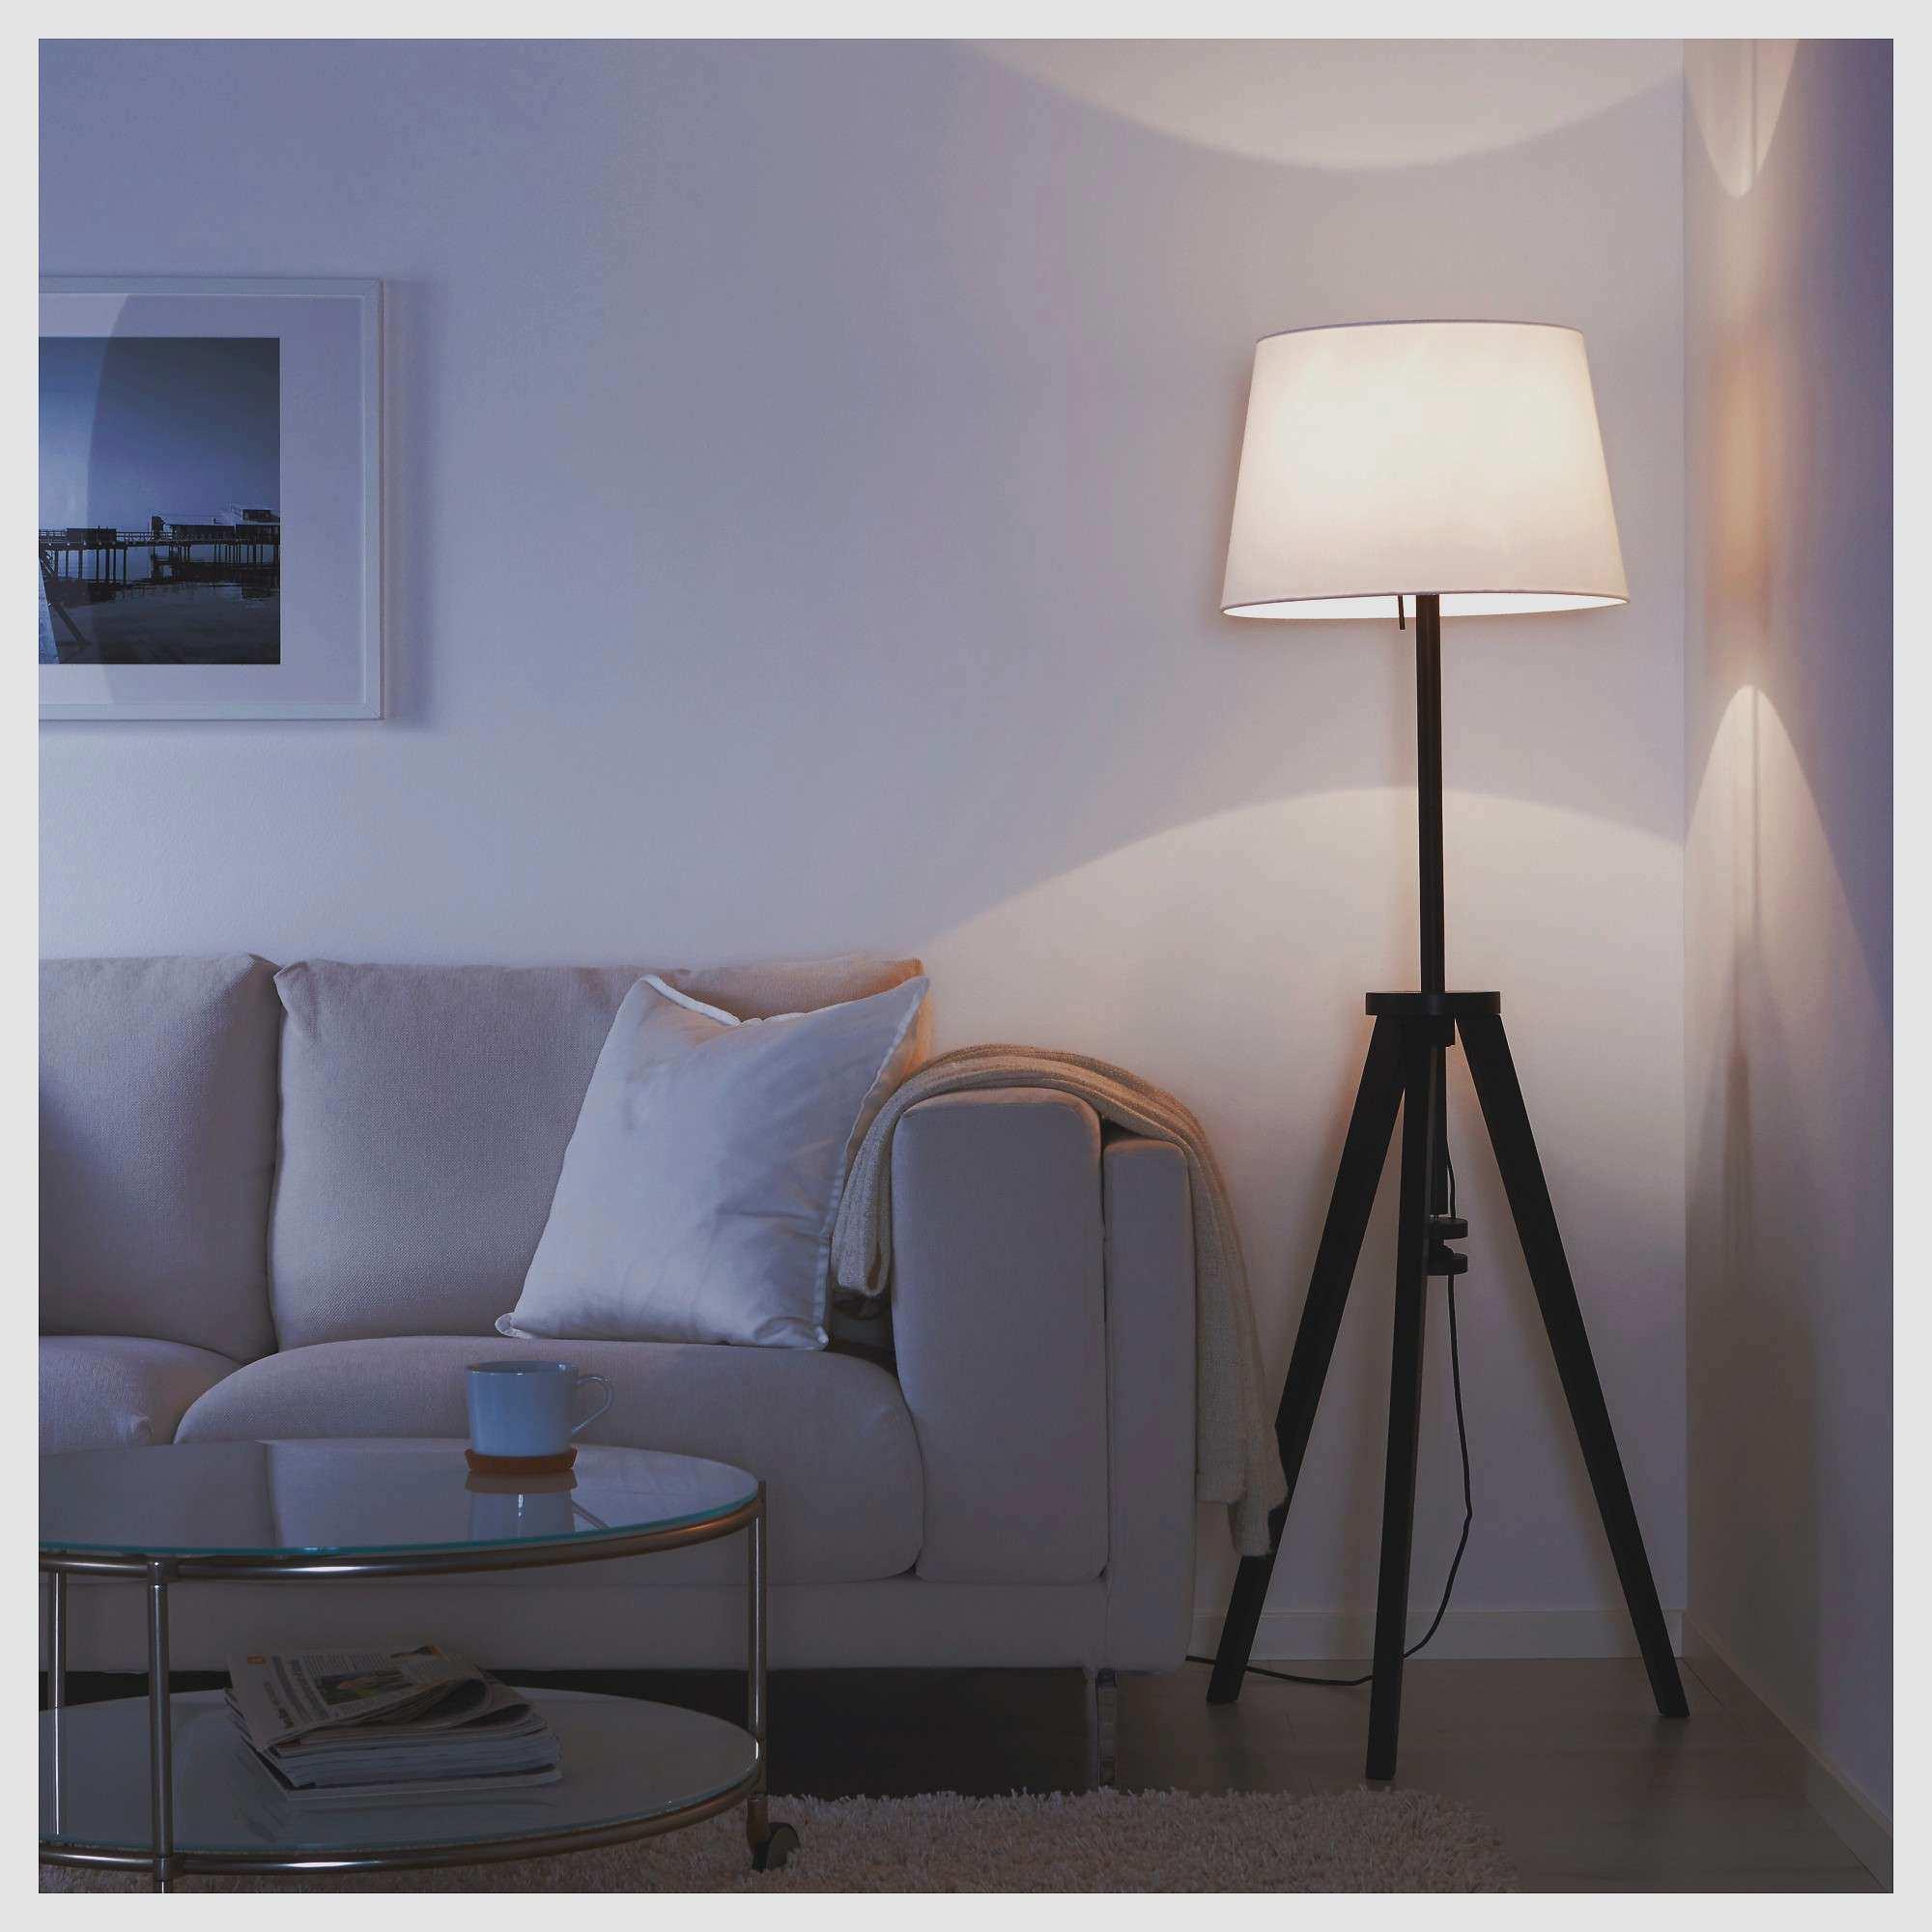 Full Size of Ikea Wohnzimmer Lampe Nachttiwand Caseconradcom Deckenlampe Lampen Esstisch Schlafzimmer Tapete Gardinen Für Indirekte Beleuchtung Liege Großes Bild Tisch Wohnzimmer Ikea Wohnzimmer Lampe